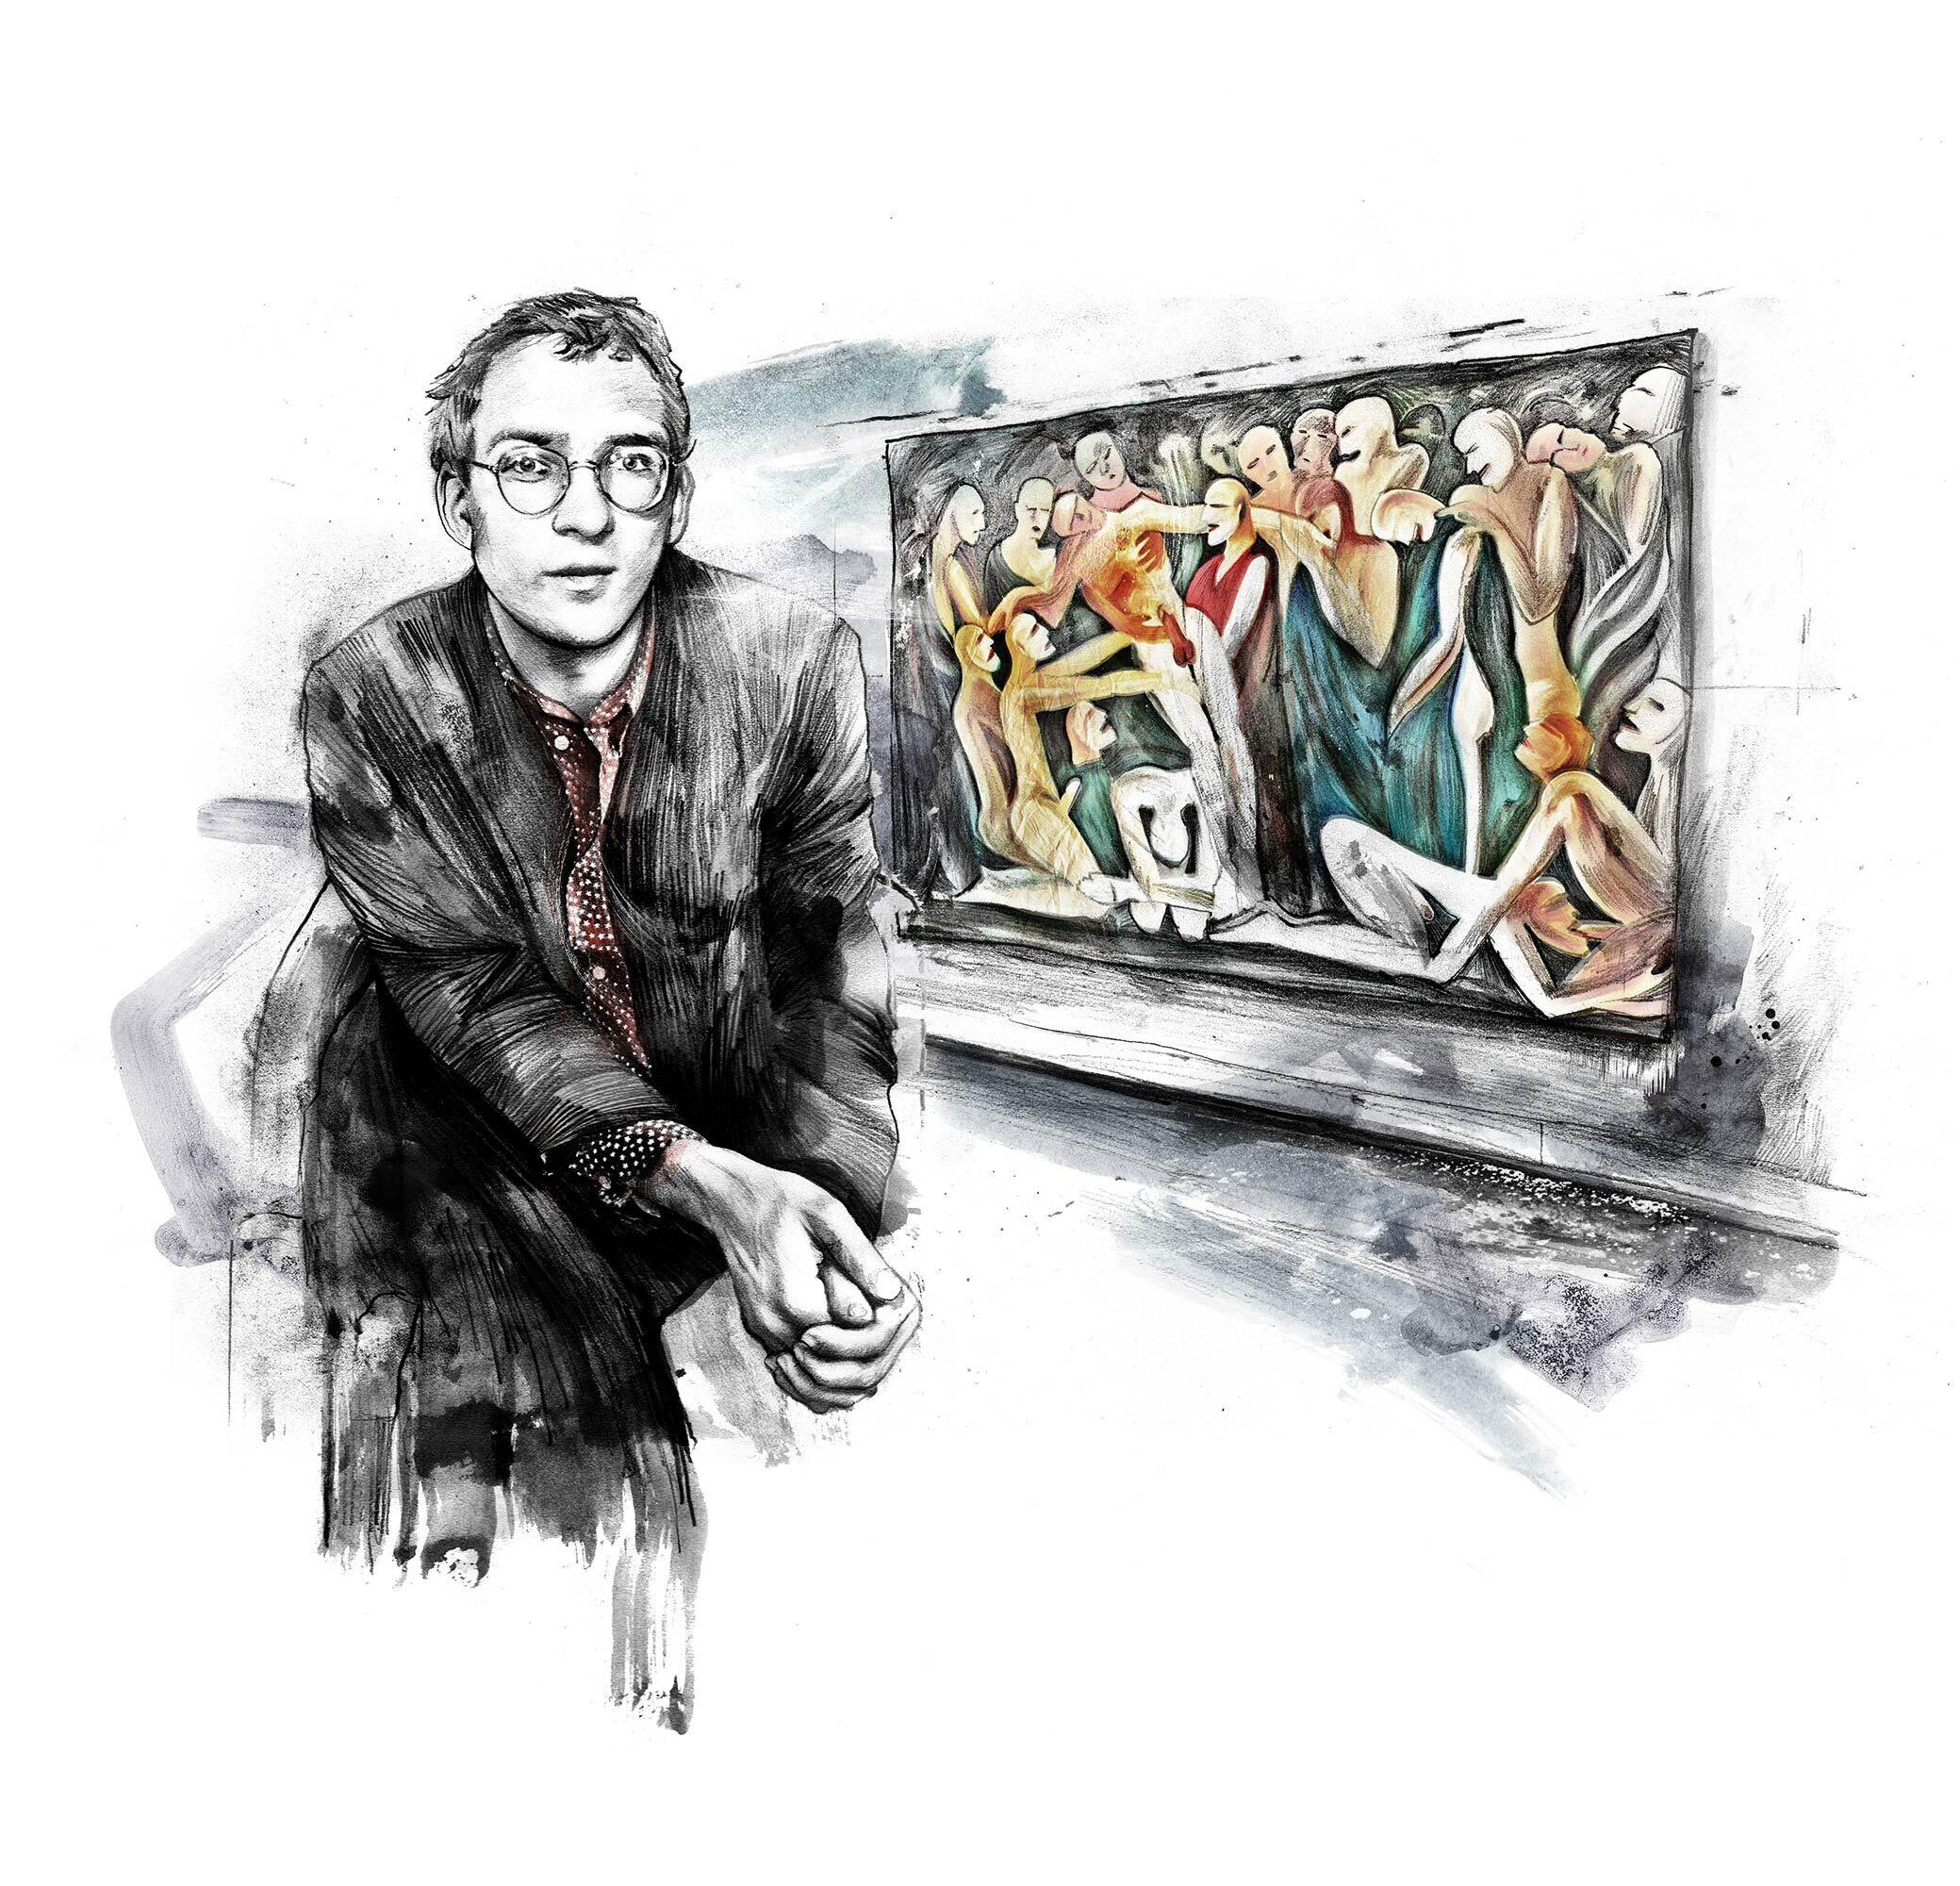 Illu WOZ Felix Mueller - Kornel Illustration | Kornel Stadler portfolio